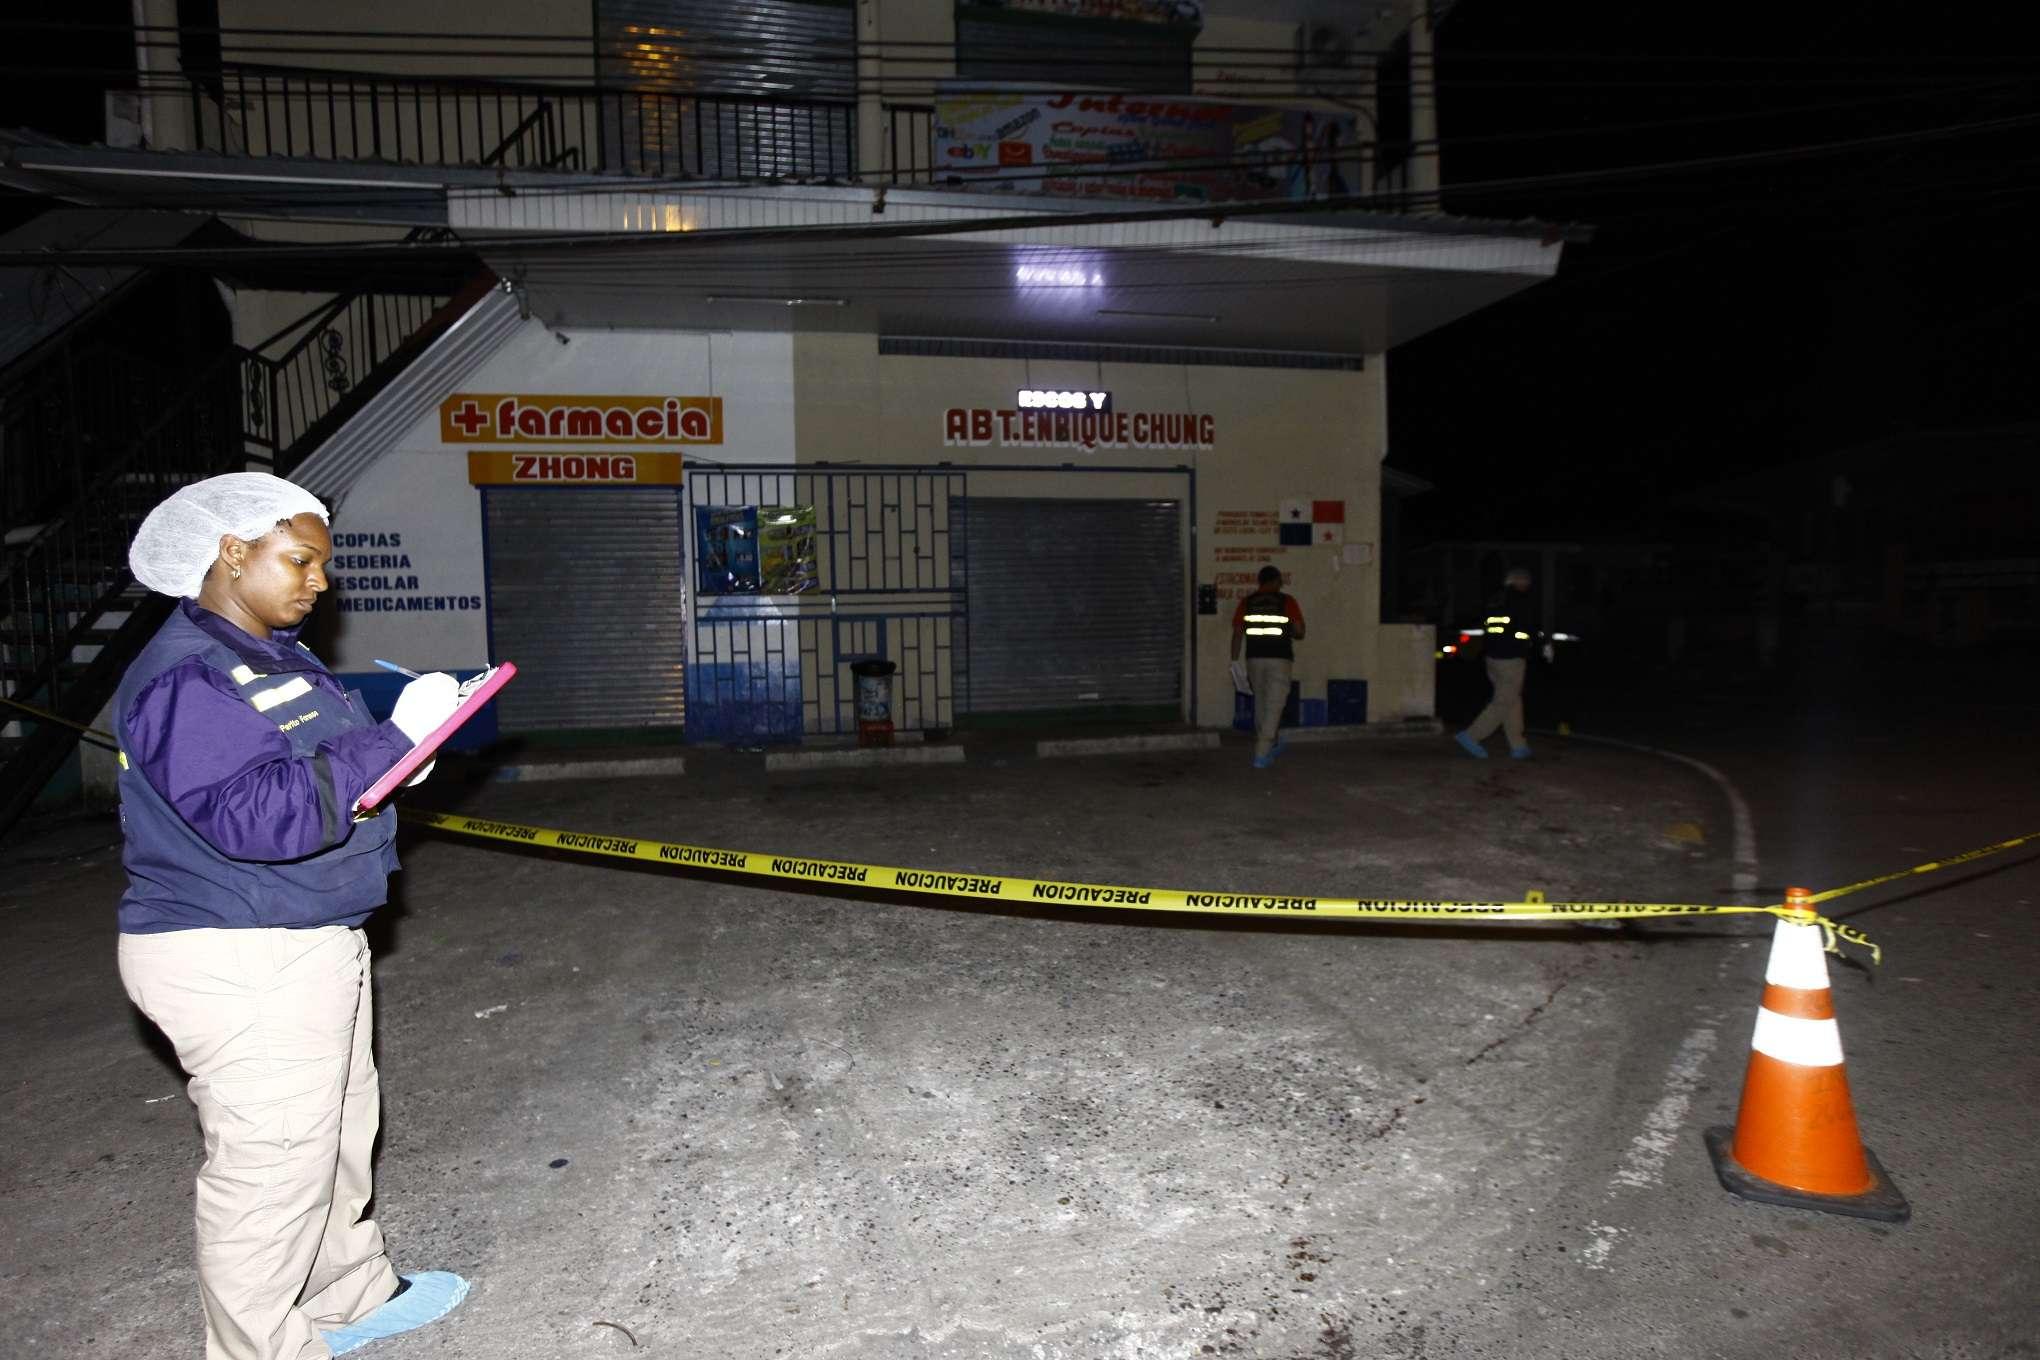 Vista general de la escena del crimen. Foto: Jorge Luis Barría